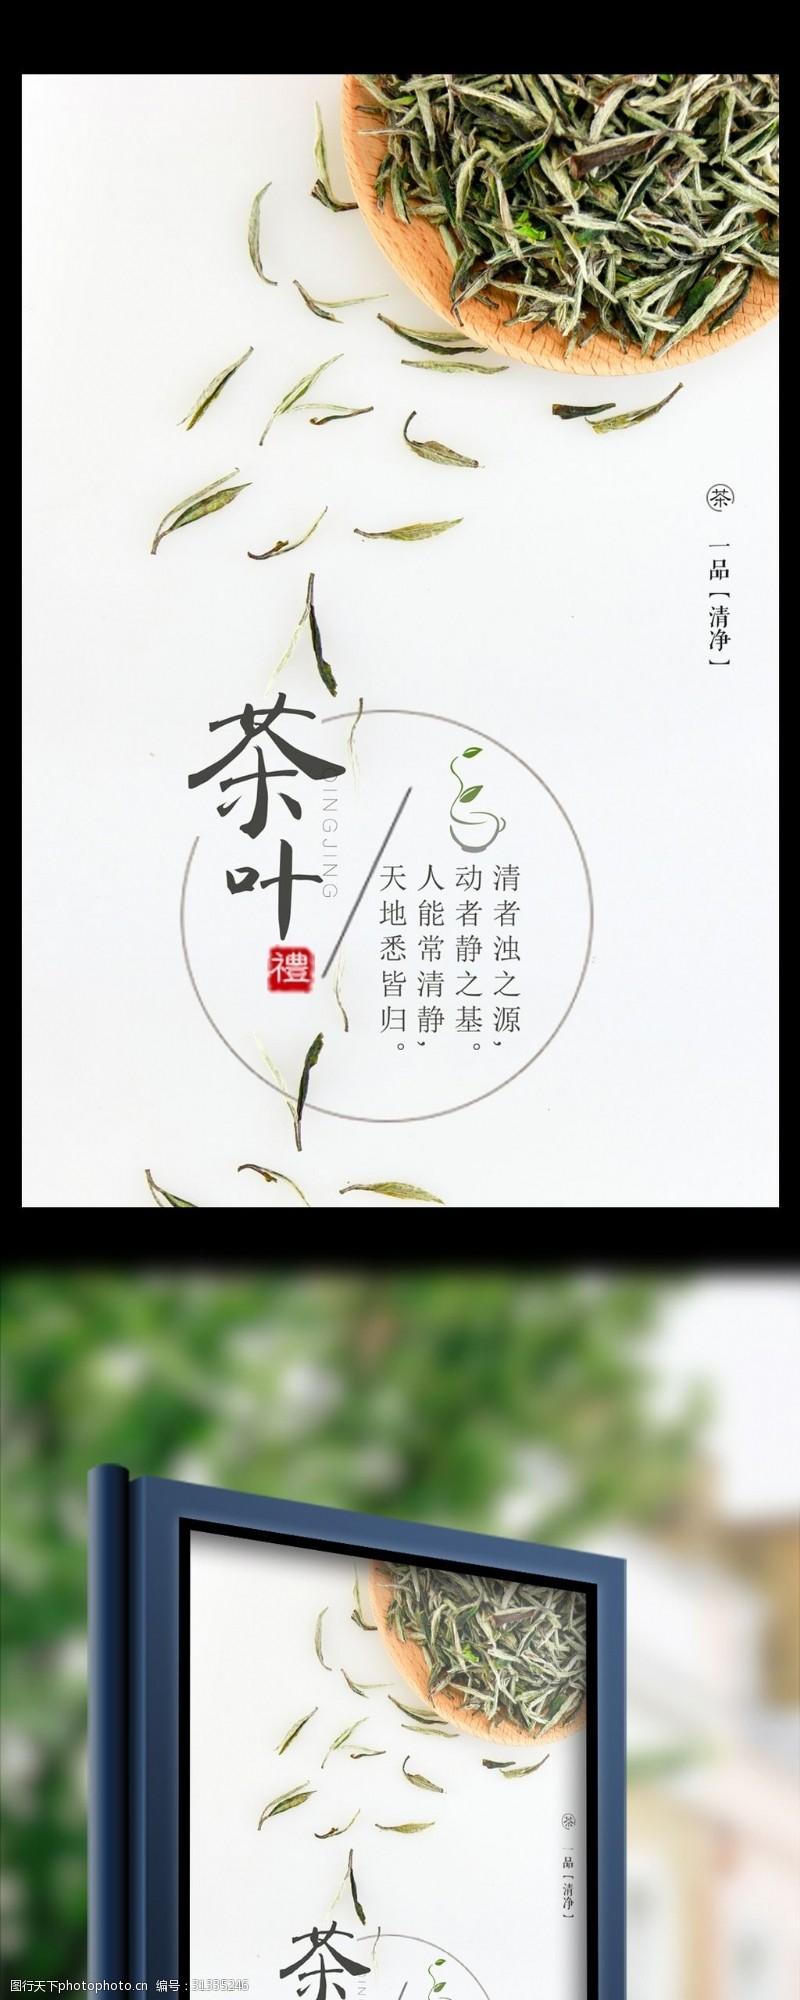 以茶会友中国风茶叶餐饮海报